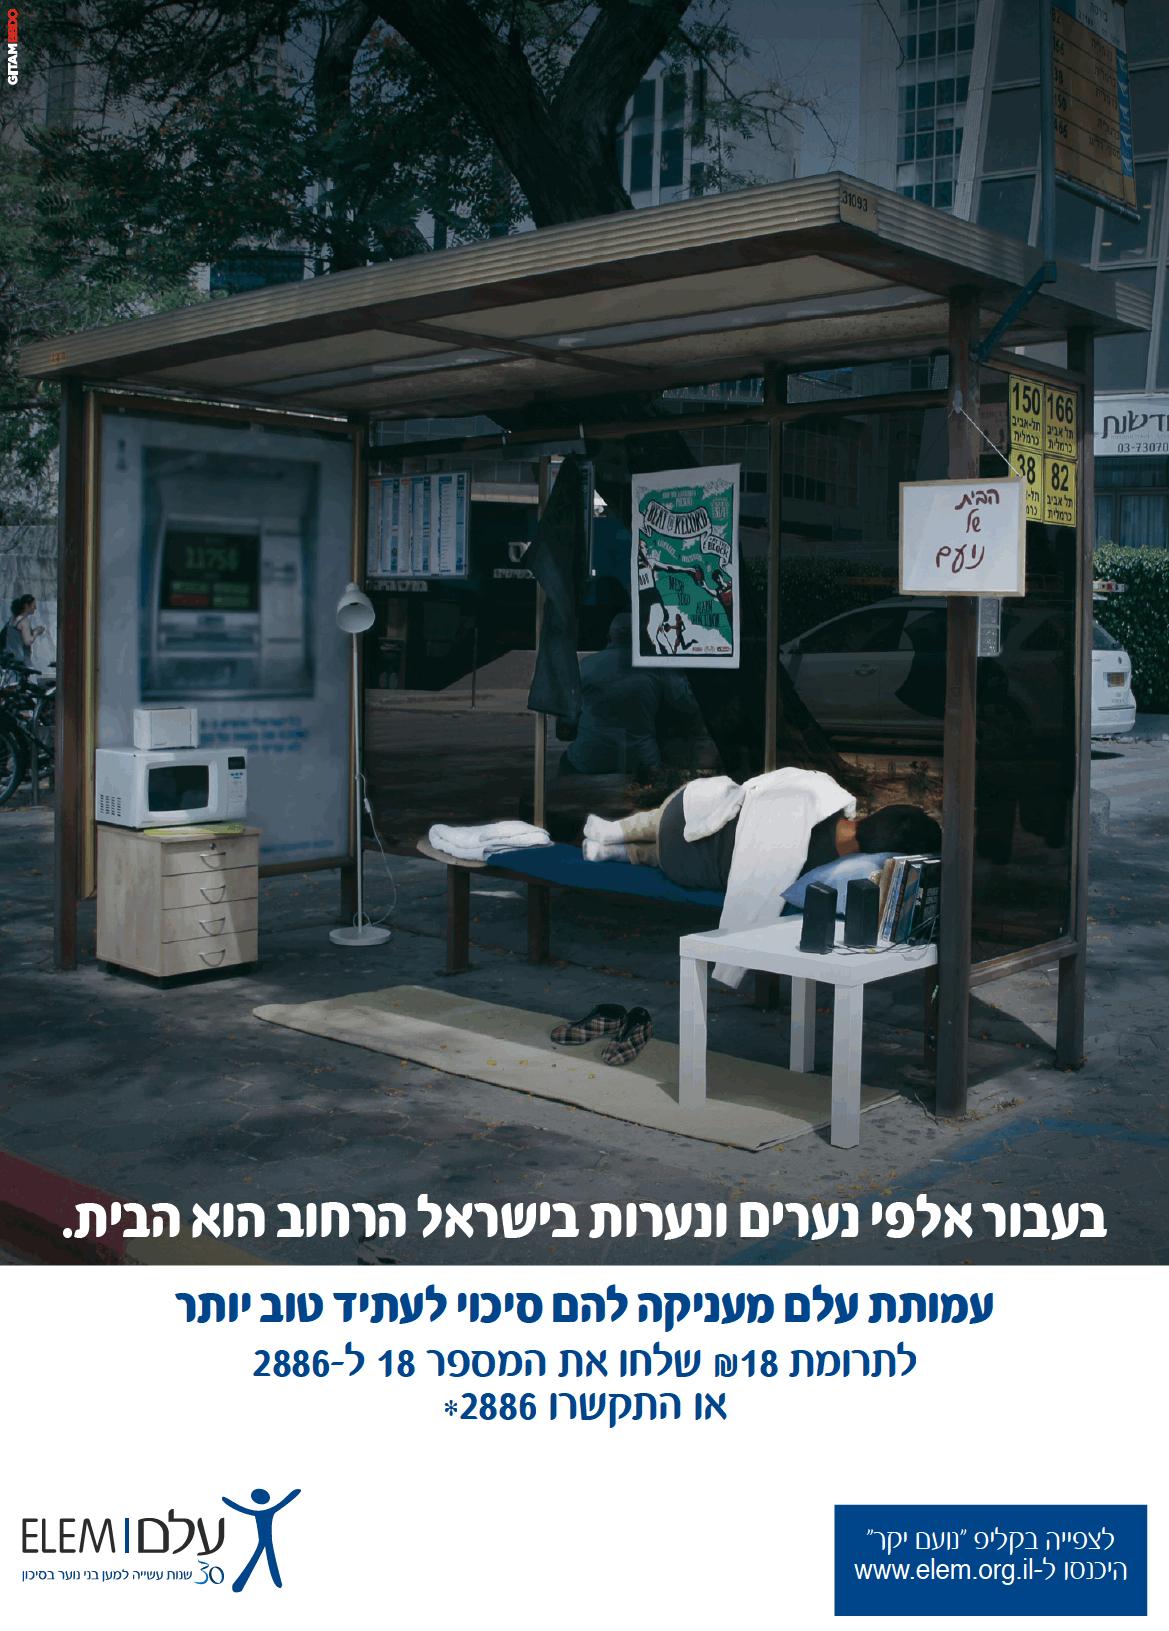 עמותת עלם - בעבור אלפי נערים ונערות בישראל הרחוב הוא הבית